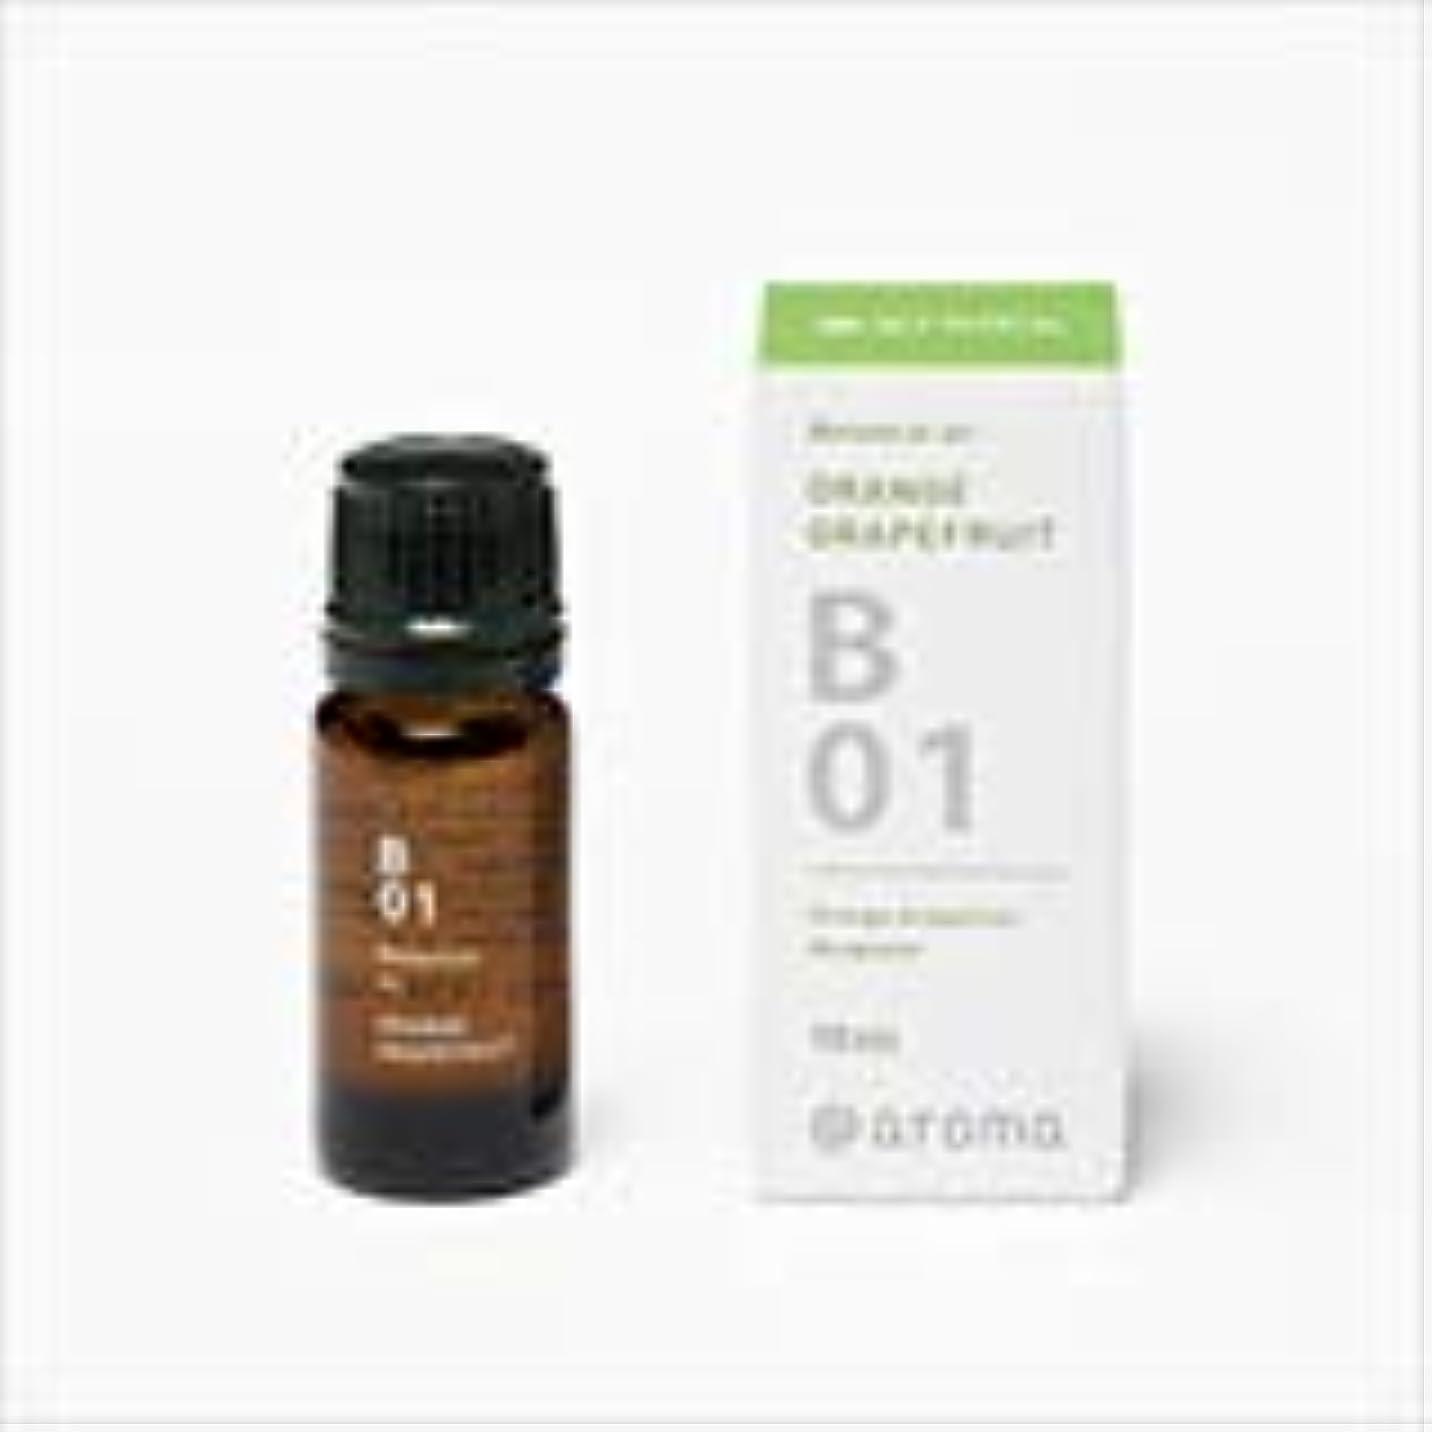 従事する機密仲人アットアロマ 100%pure essential oil <Botanical air ジュニパーシダー>